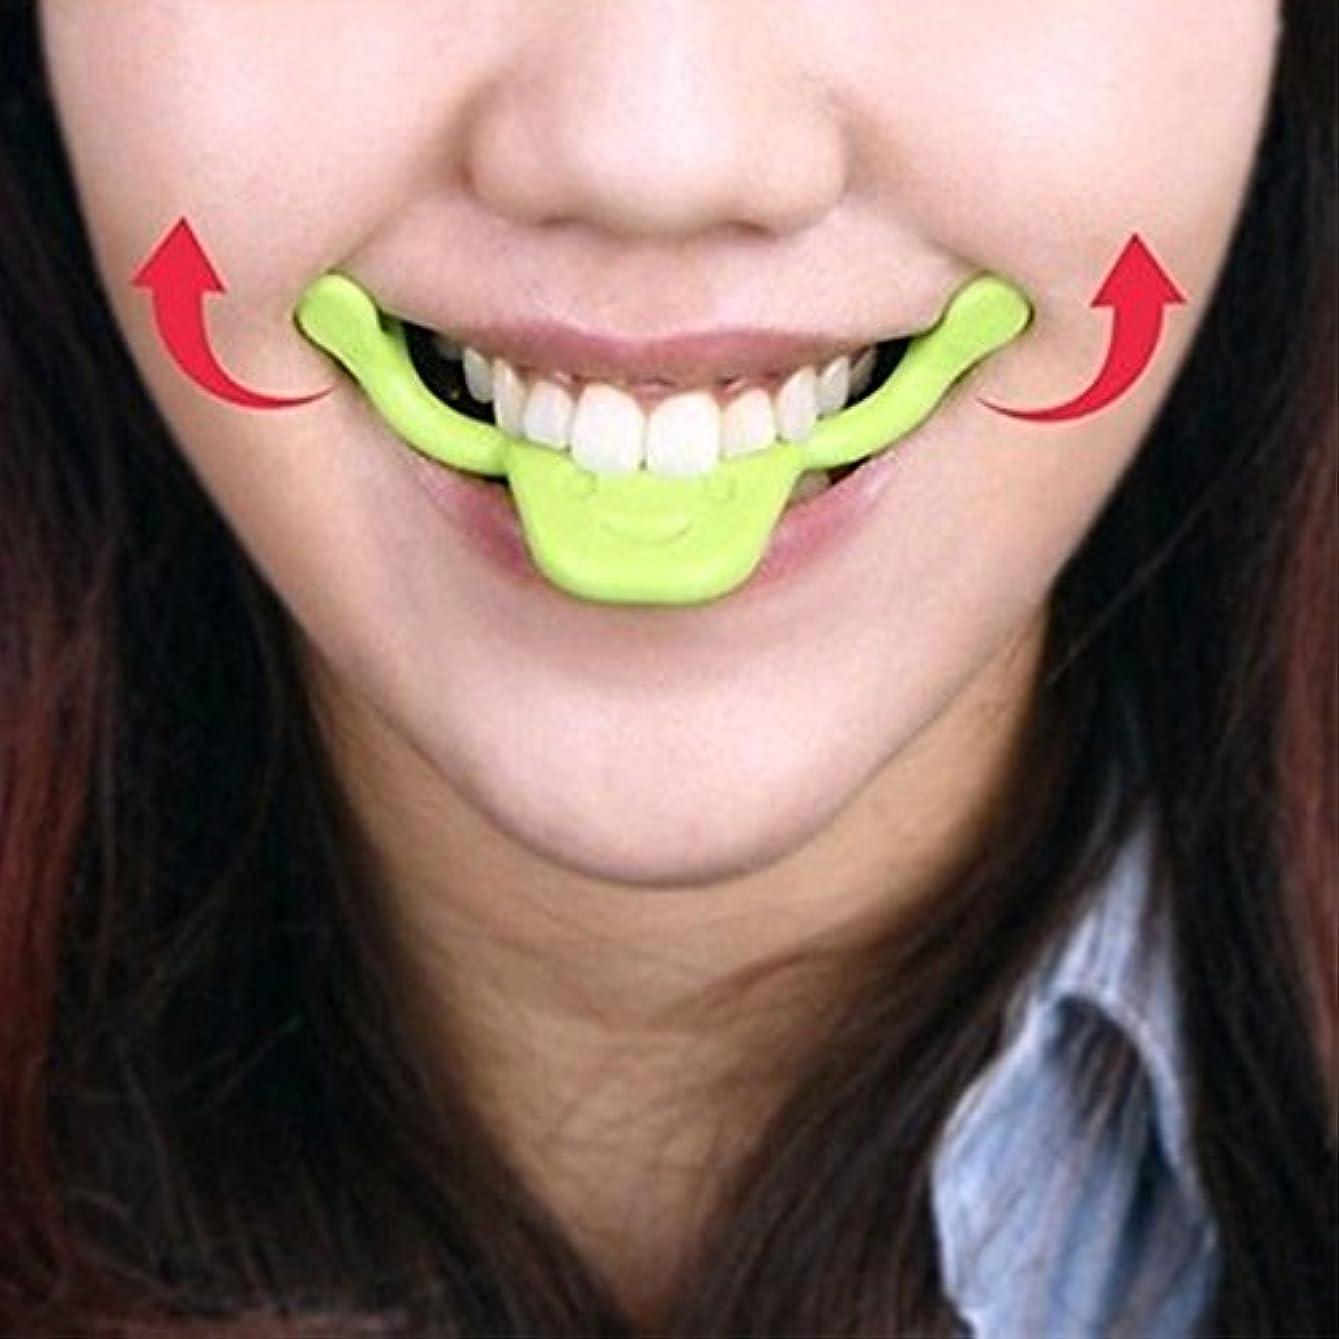 物理的に手術ゲートRaiFu スマイル矯正器 リフトアップ マウスピース 小顔サポート フェイススリマー 表情筋トレーニング 健康グッズ 笑顔 メーカー ビューティーケア